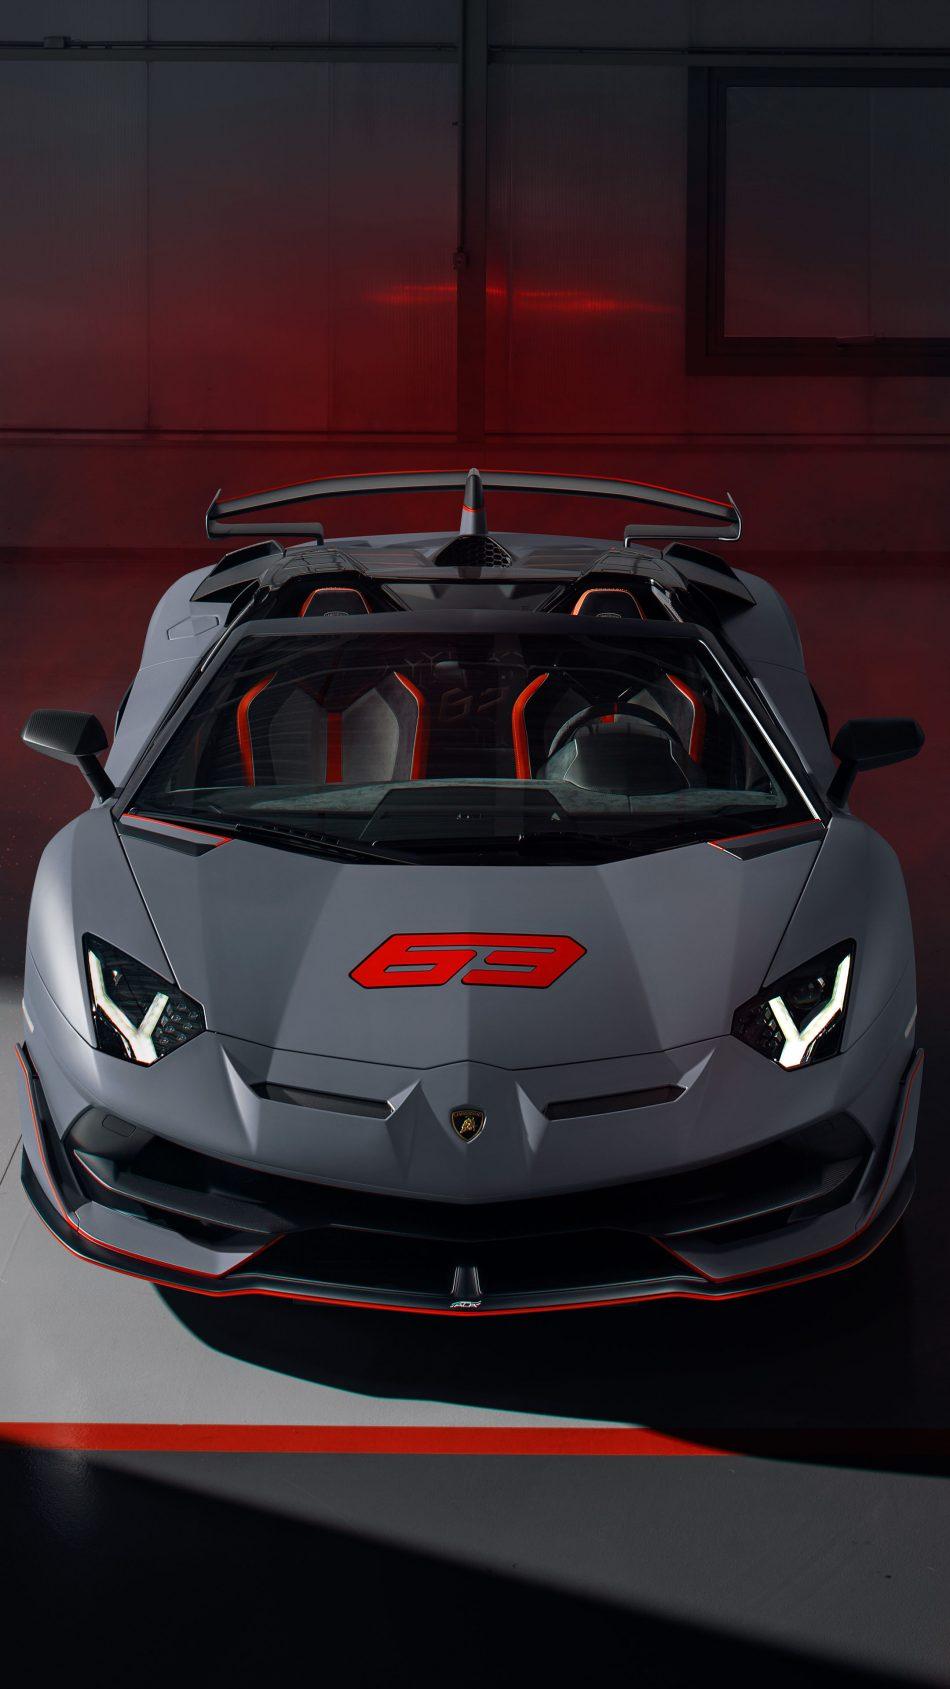 Download Wallpaper Lamborghini Aventador Svj Hd Cikimm Com